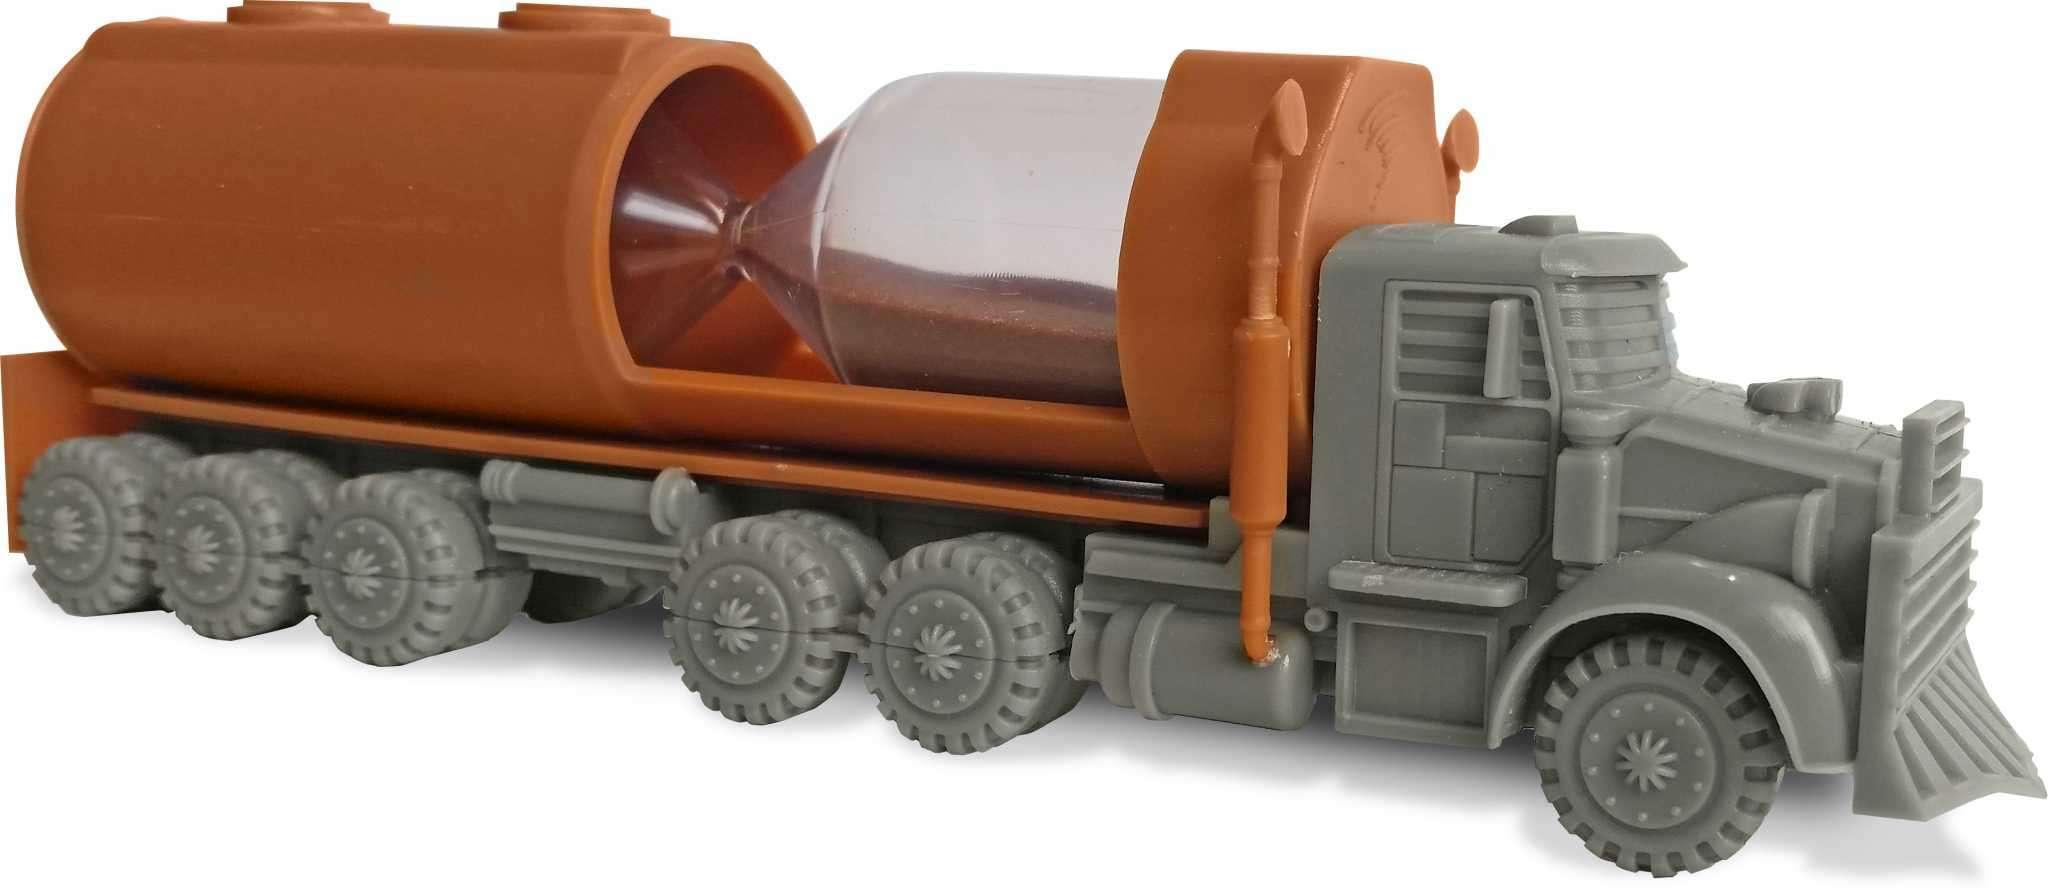 Kero : un camion-sablier risque d'exploser !